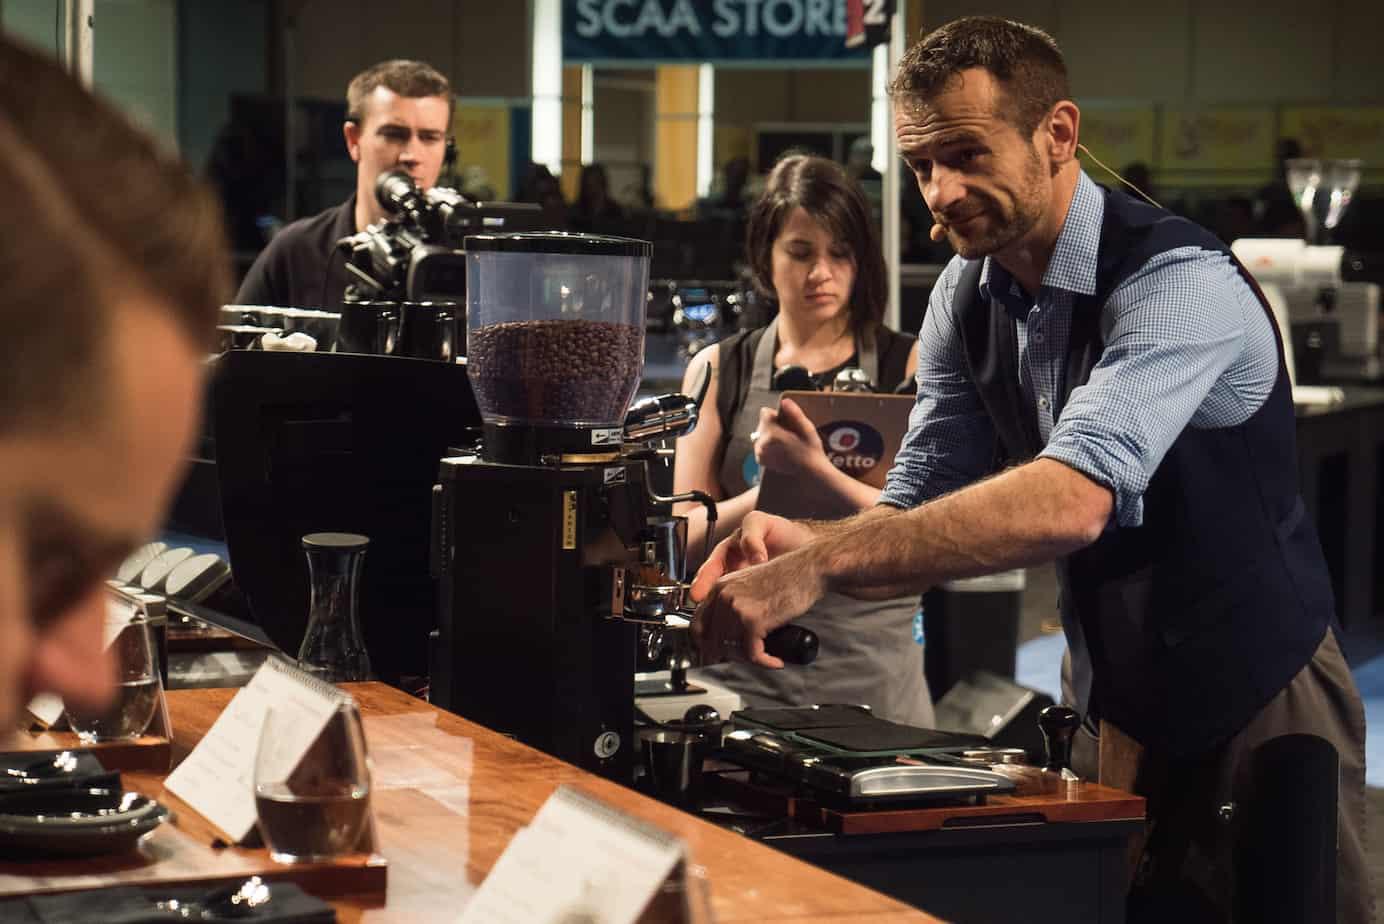 Gioco del barista